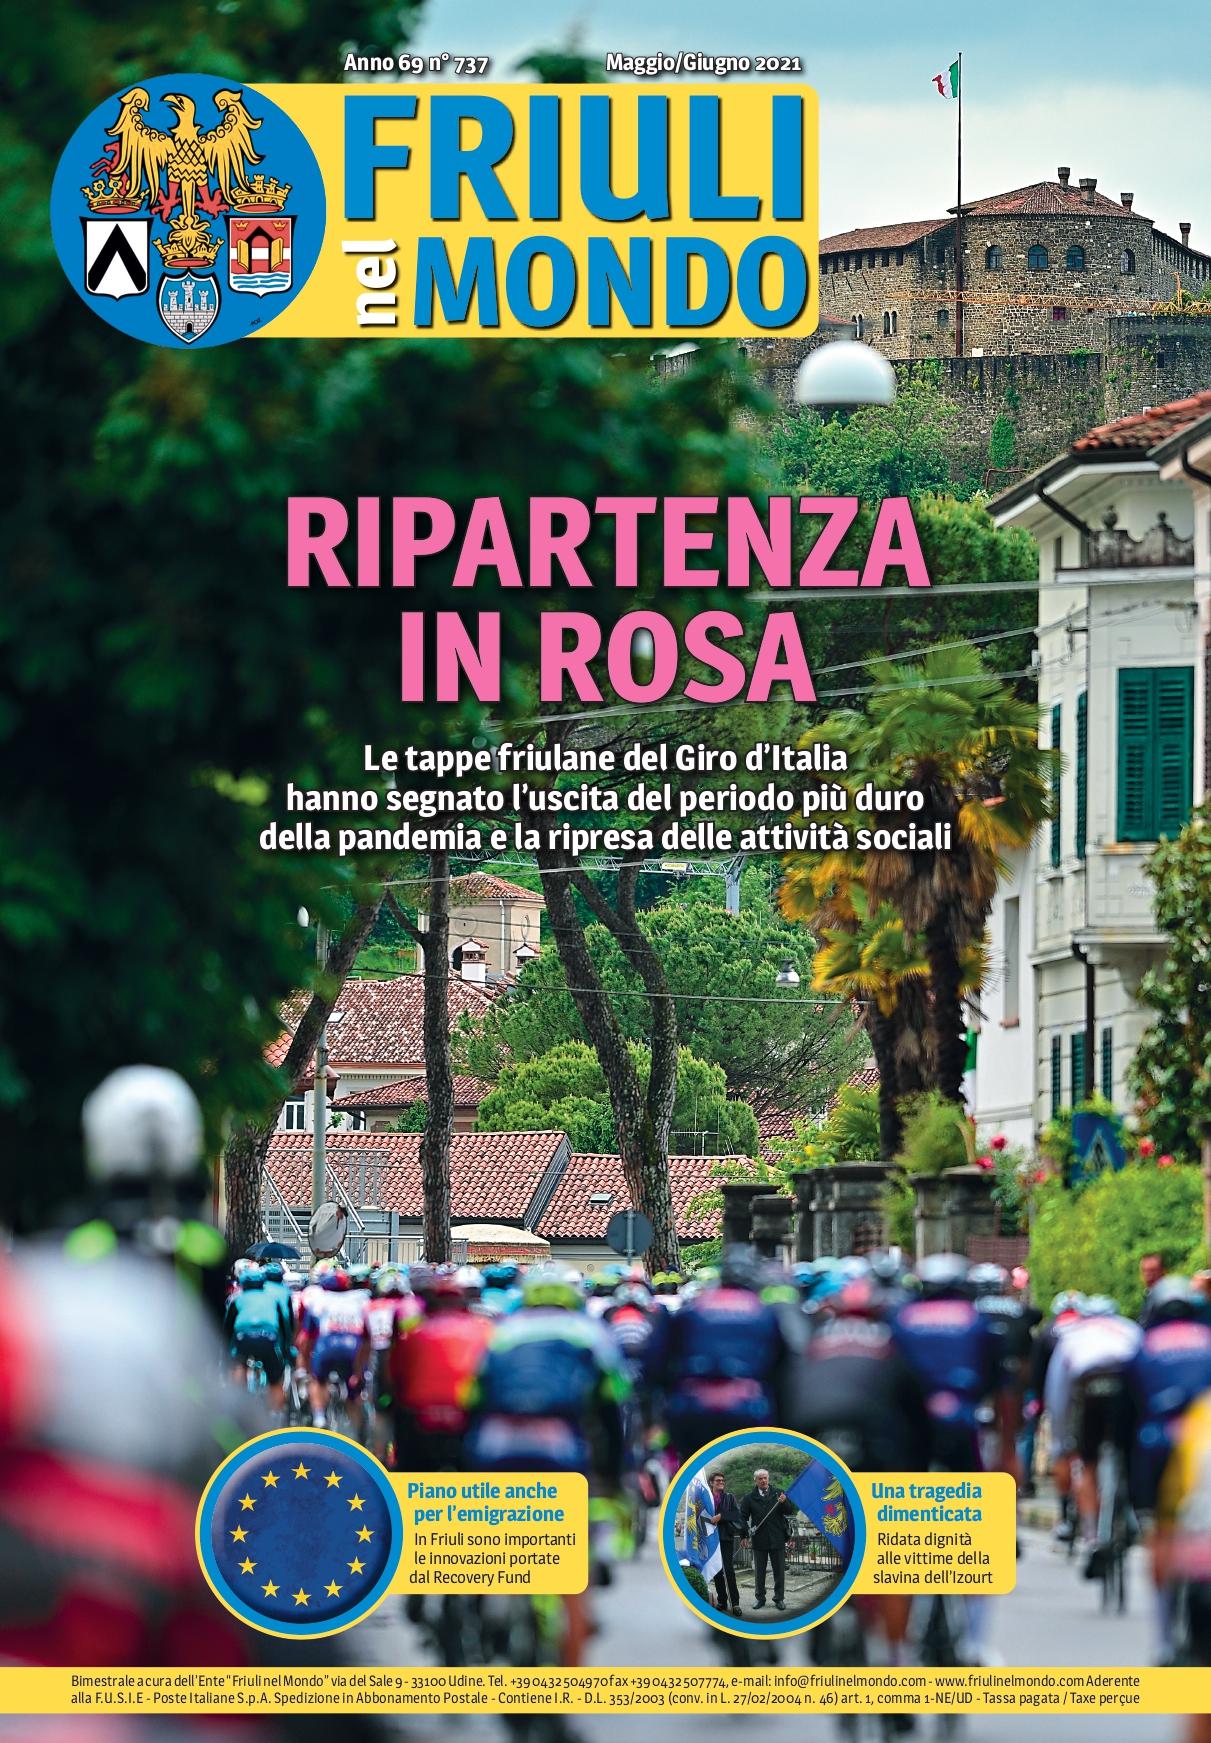 https://www.friulinelmondo.com/wp-content/uploads/2021/06/Friuli-nel-Mondo_MAGGIO_GIUGNO_2021_definitivo-ALTA-RISOLUZIONE-1_page-0001.jpg